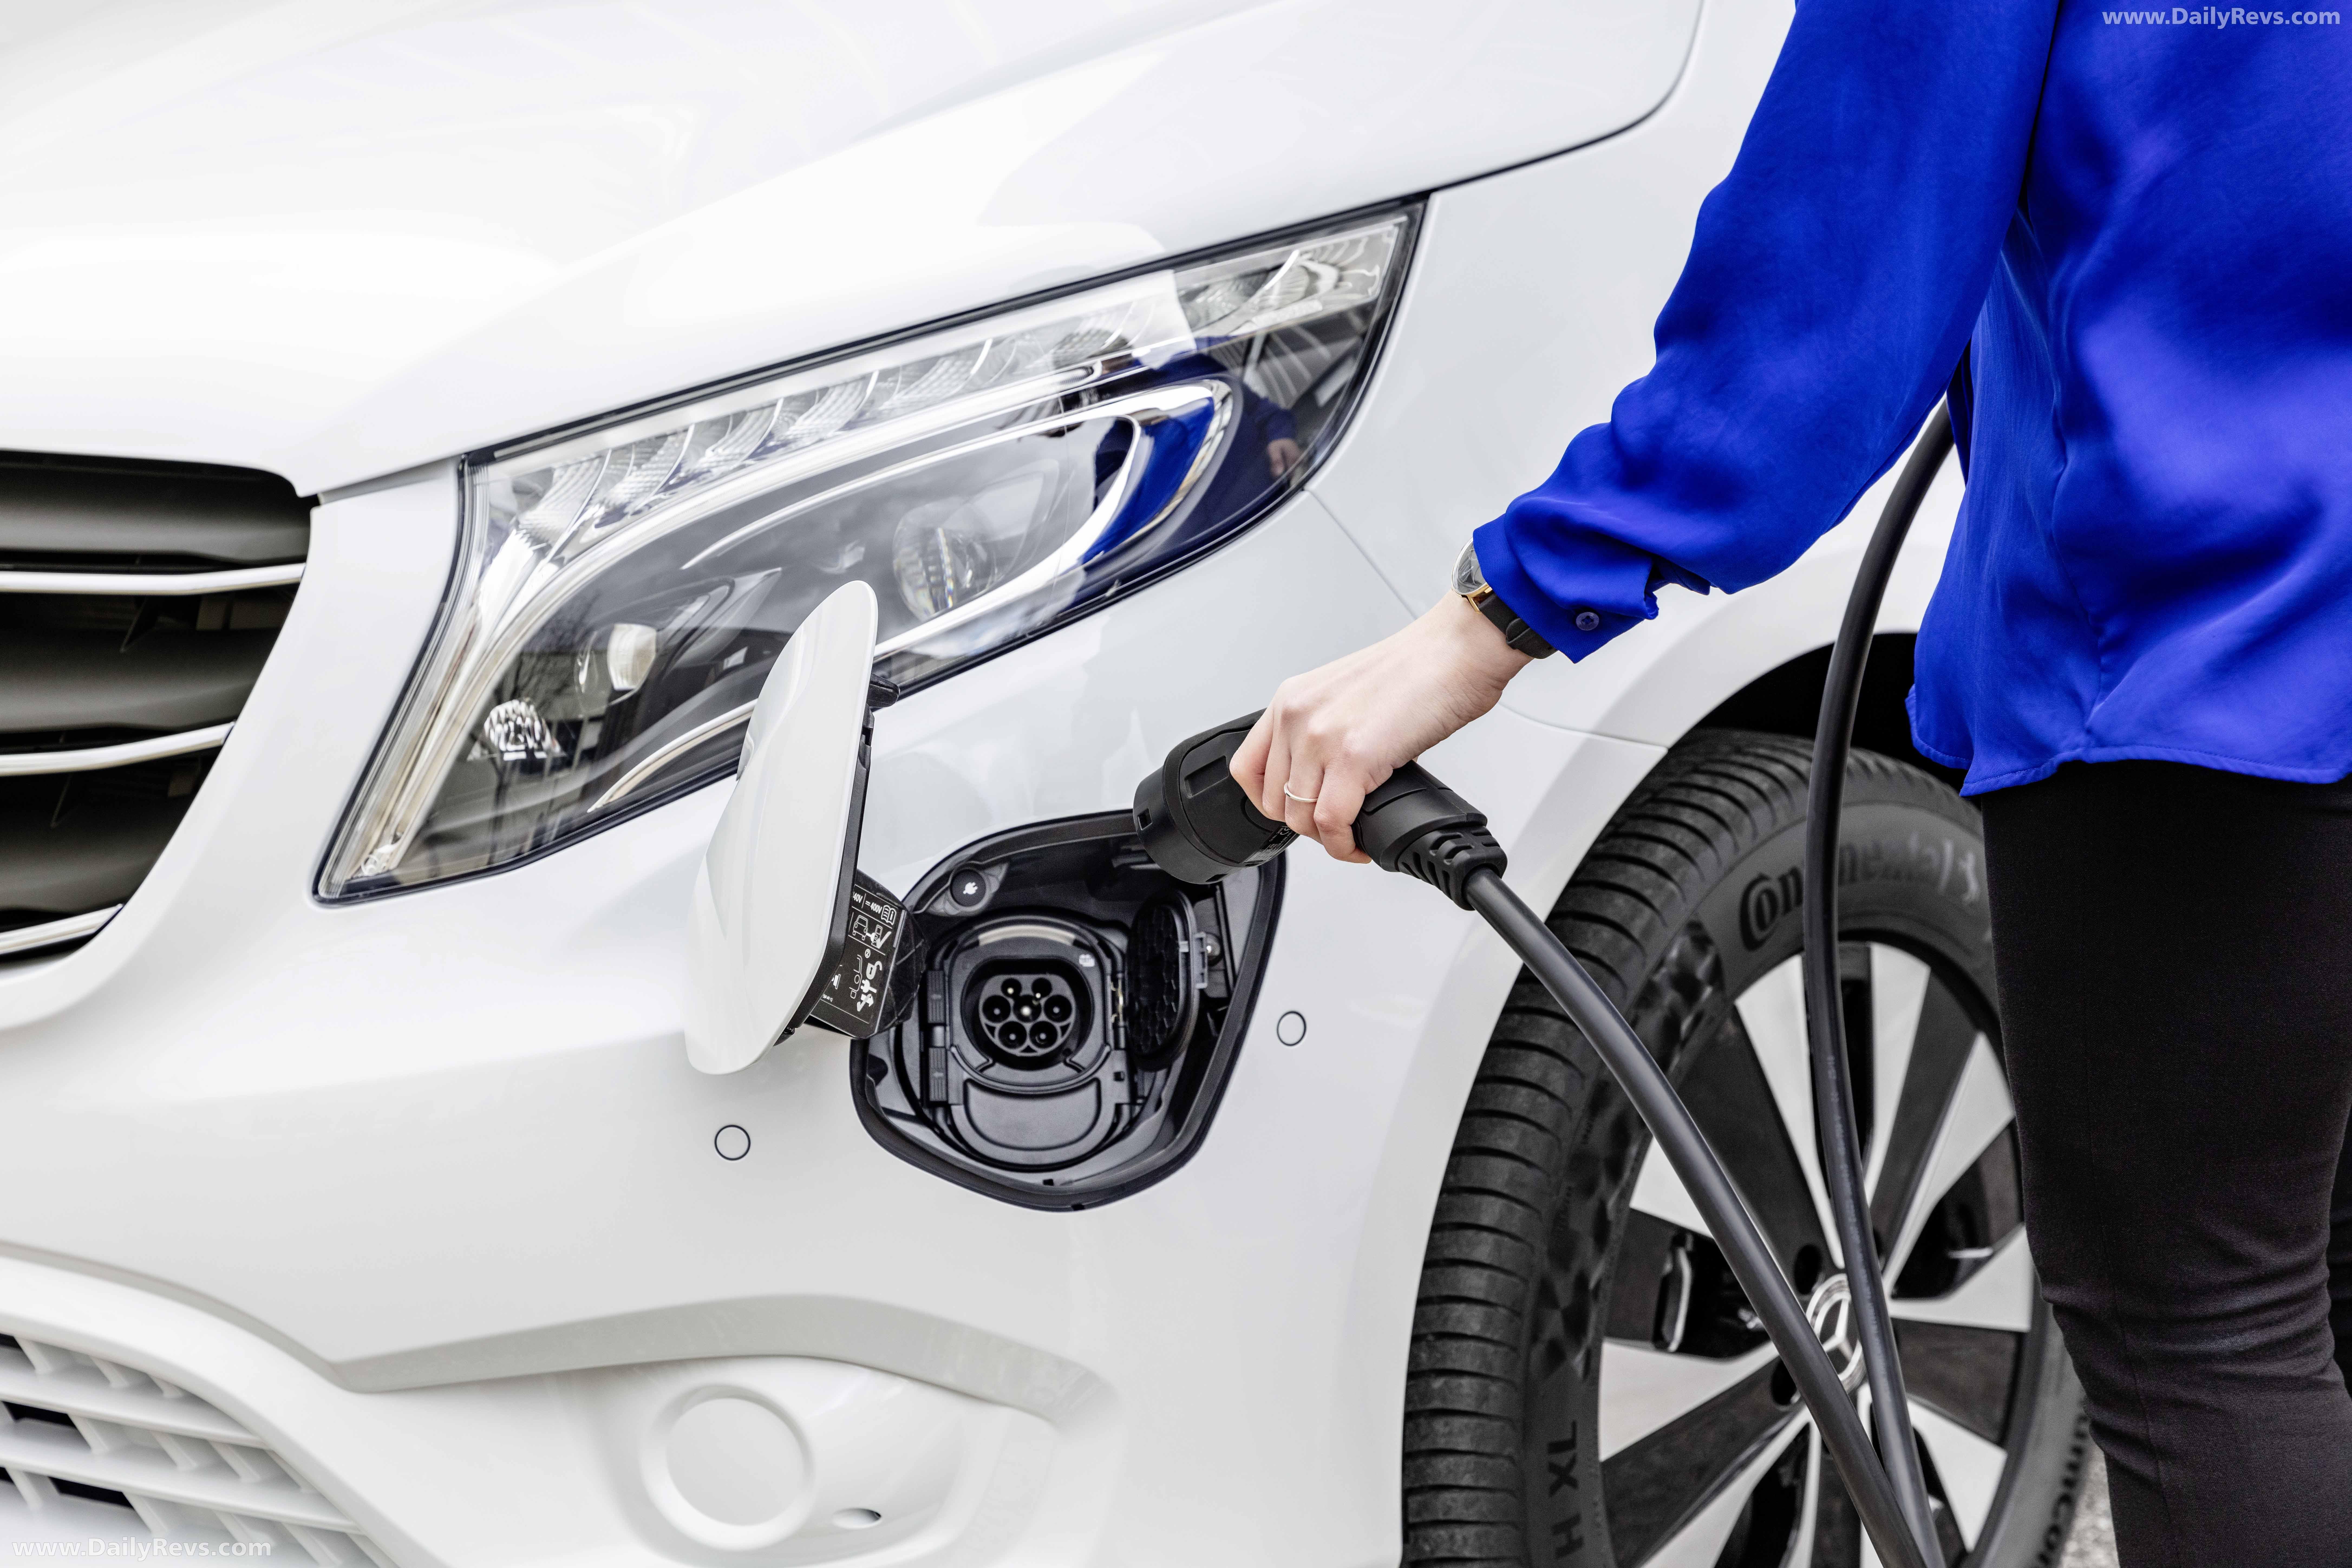 2020 Mercedes-Benz eVito Tourer - HD Pictures, Videos ...